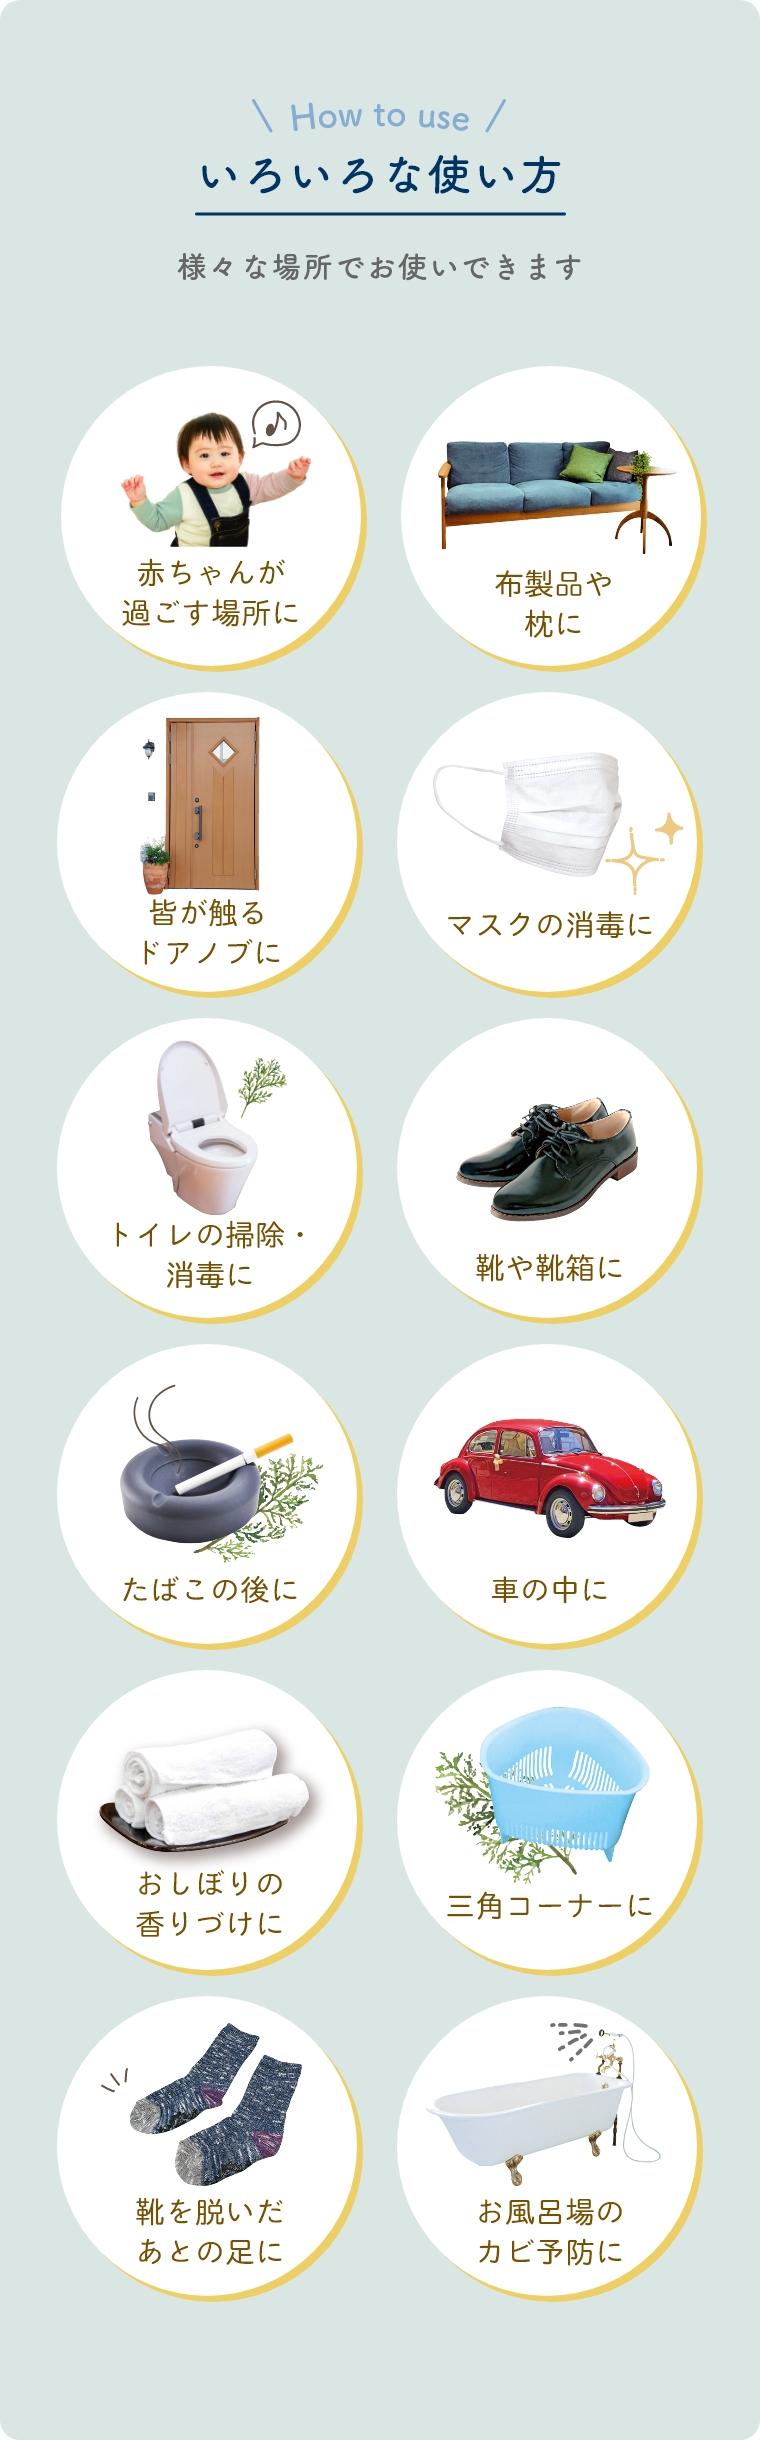 赤ちゃん 枕 ドアノブ マスクの消毒 トイレ掃除 靴 たばこ 車内 おしぼり 三角コーナー カビ予防 エッセンシャルひのきミスト